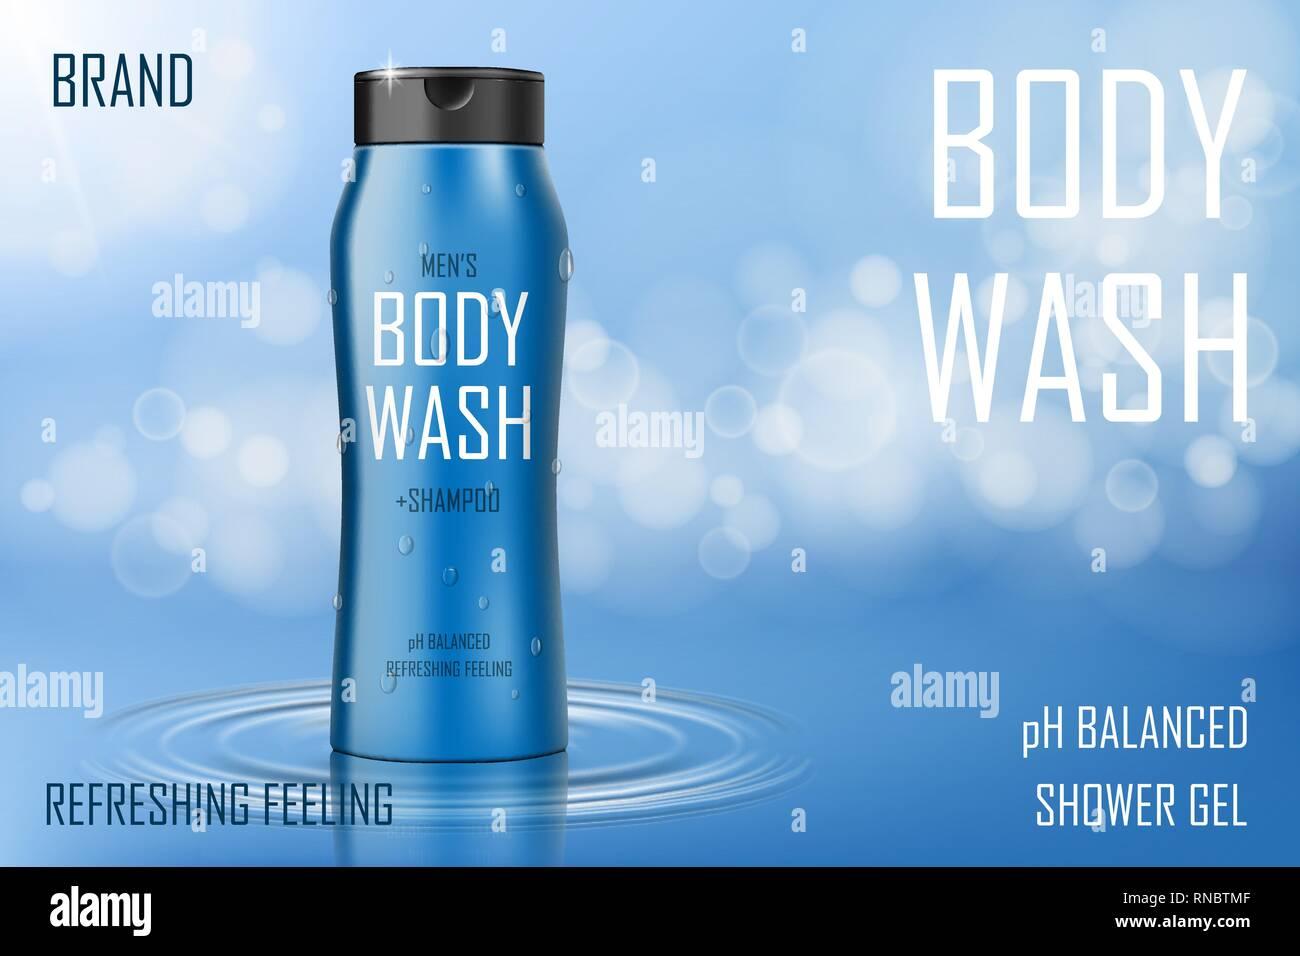 Gel nettoyant pour le corps de refroidissement d'humidité ad. Le corps réaliste ou bouteille de shampoing. Soins de la peau pour la conception de produits d'emballage affiche ou bannière. 3D de vecteur Photo Stock